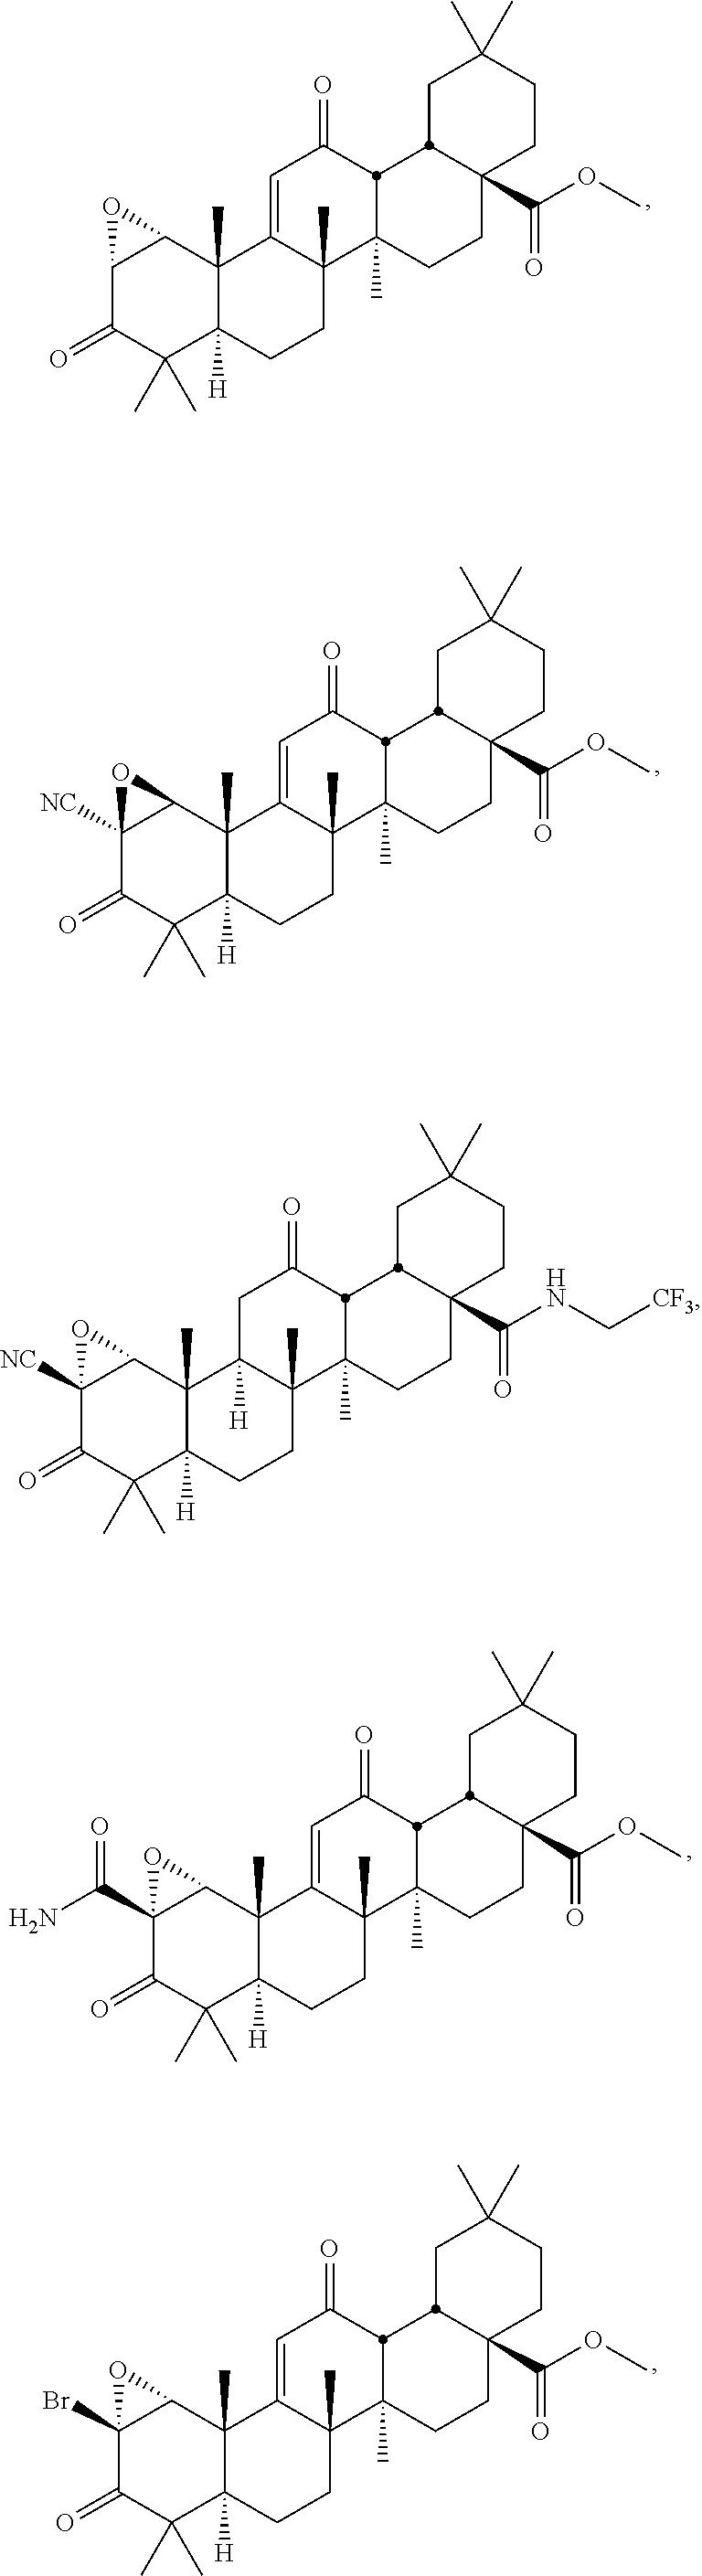 Figure US09556222-20170131-C00006